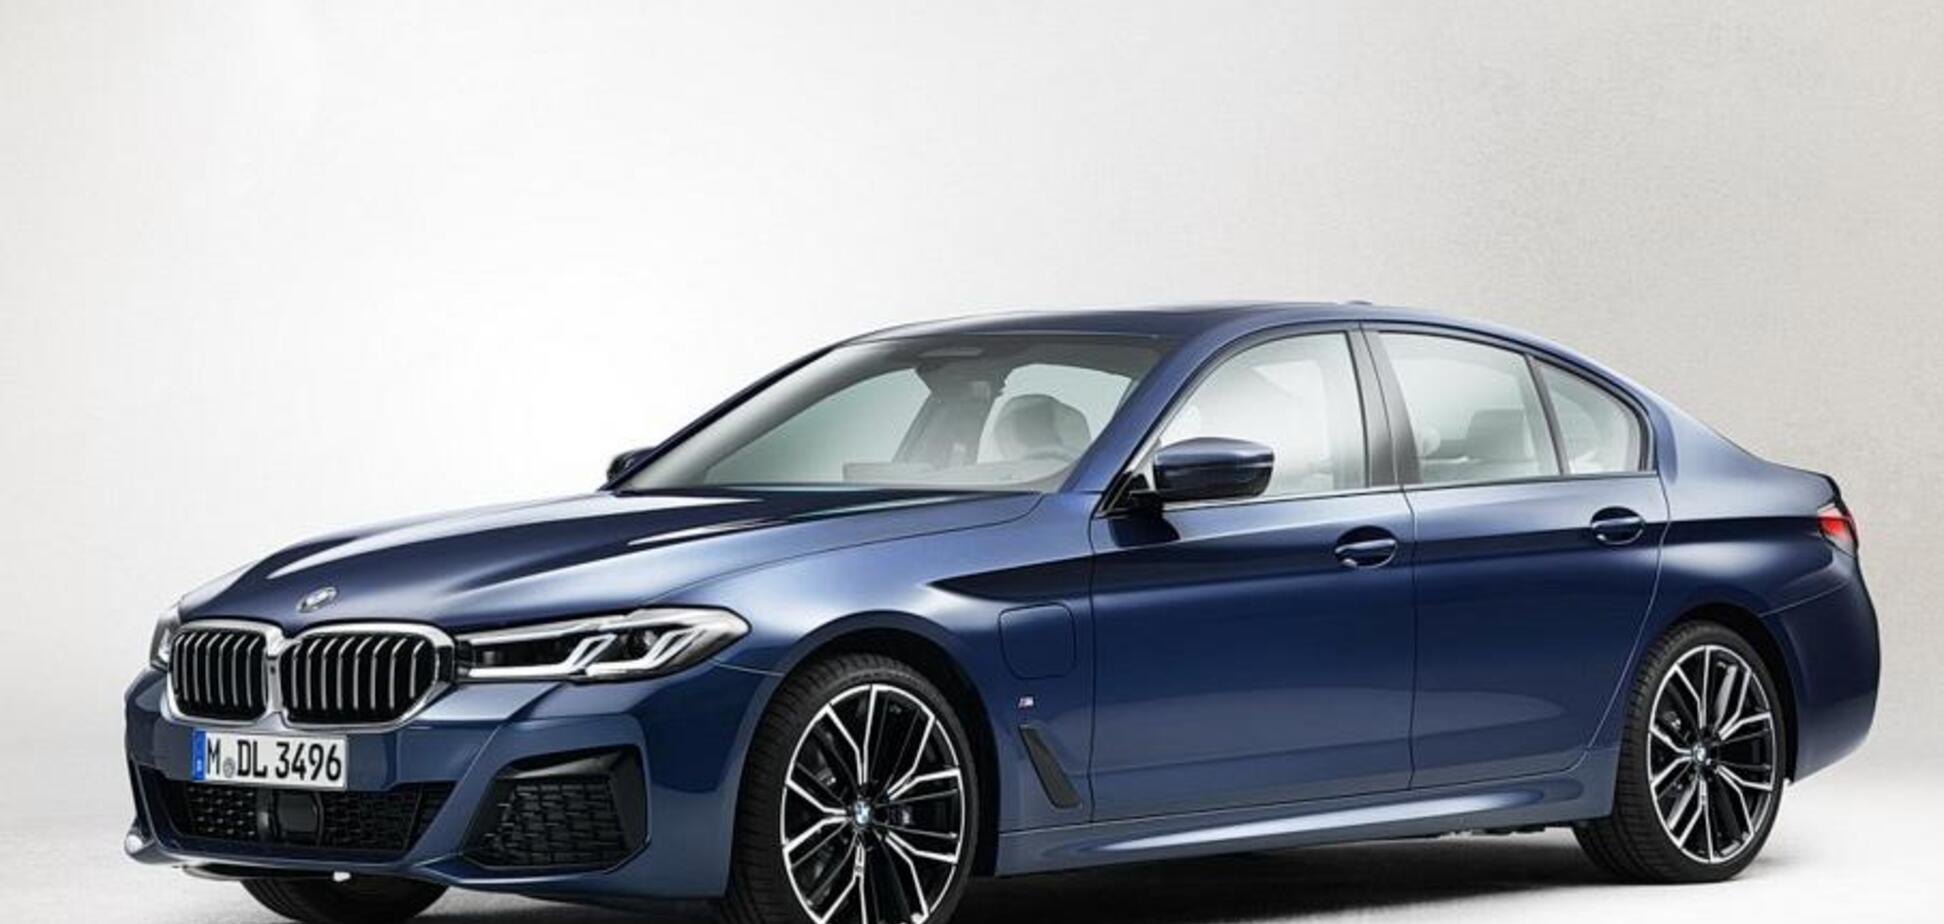 Під сімку: нова BMW 5-Series показалася на офіційних фото